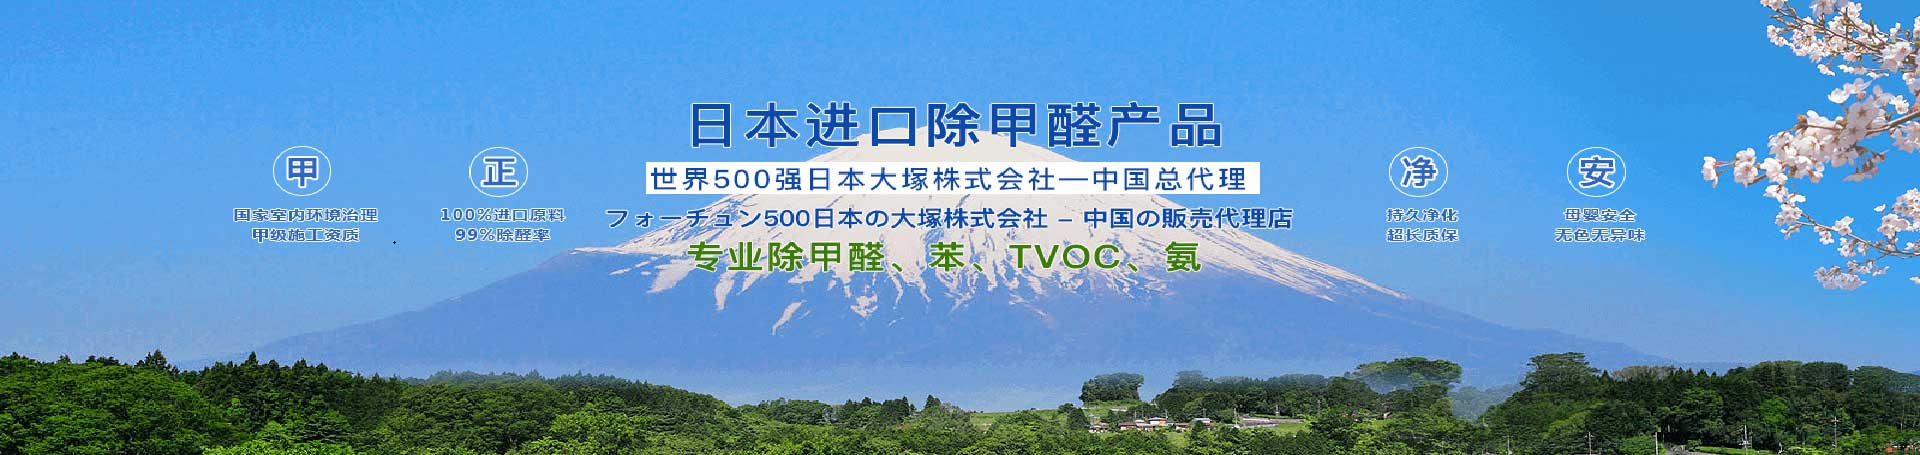 武漢除甲醛公司專注室內空氣污染治理20年單位